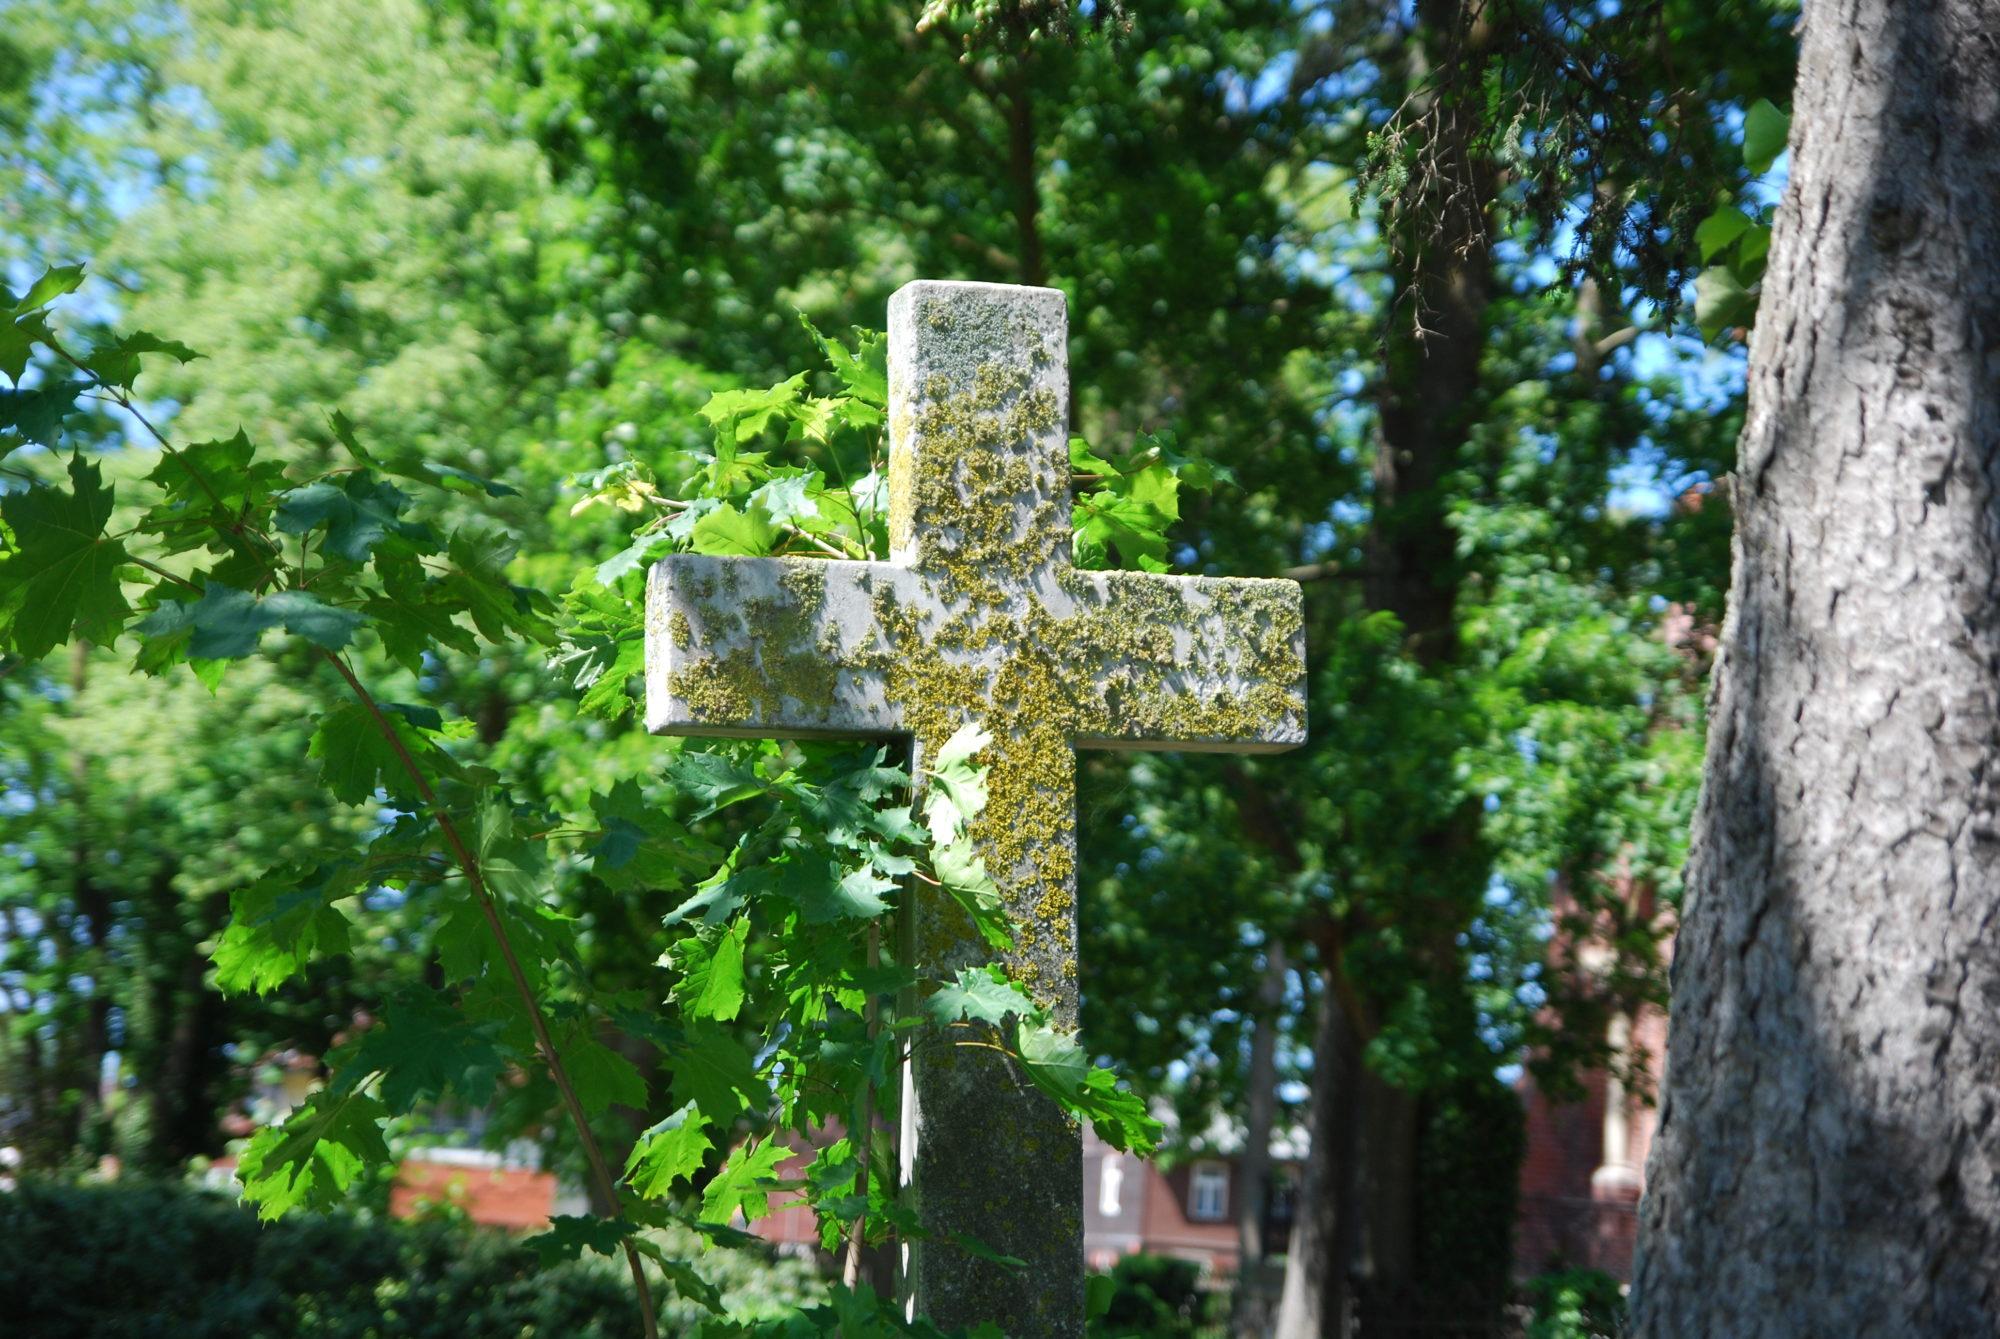 Par kapu pieminekļu zādzību Centrālajā kapsētā notiesā lietuvieti